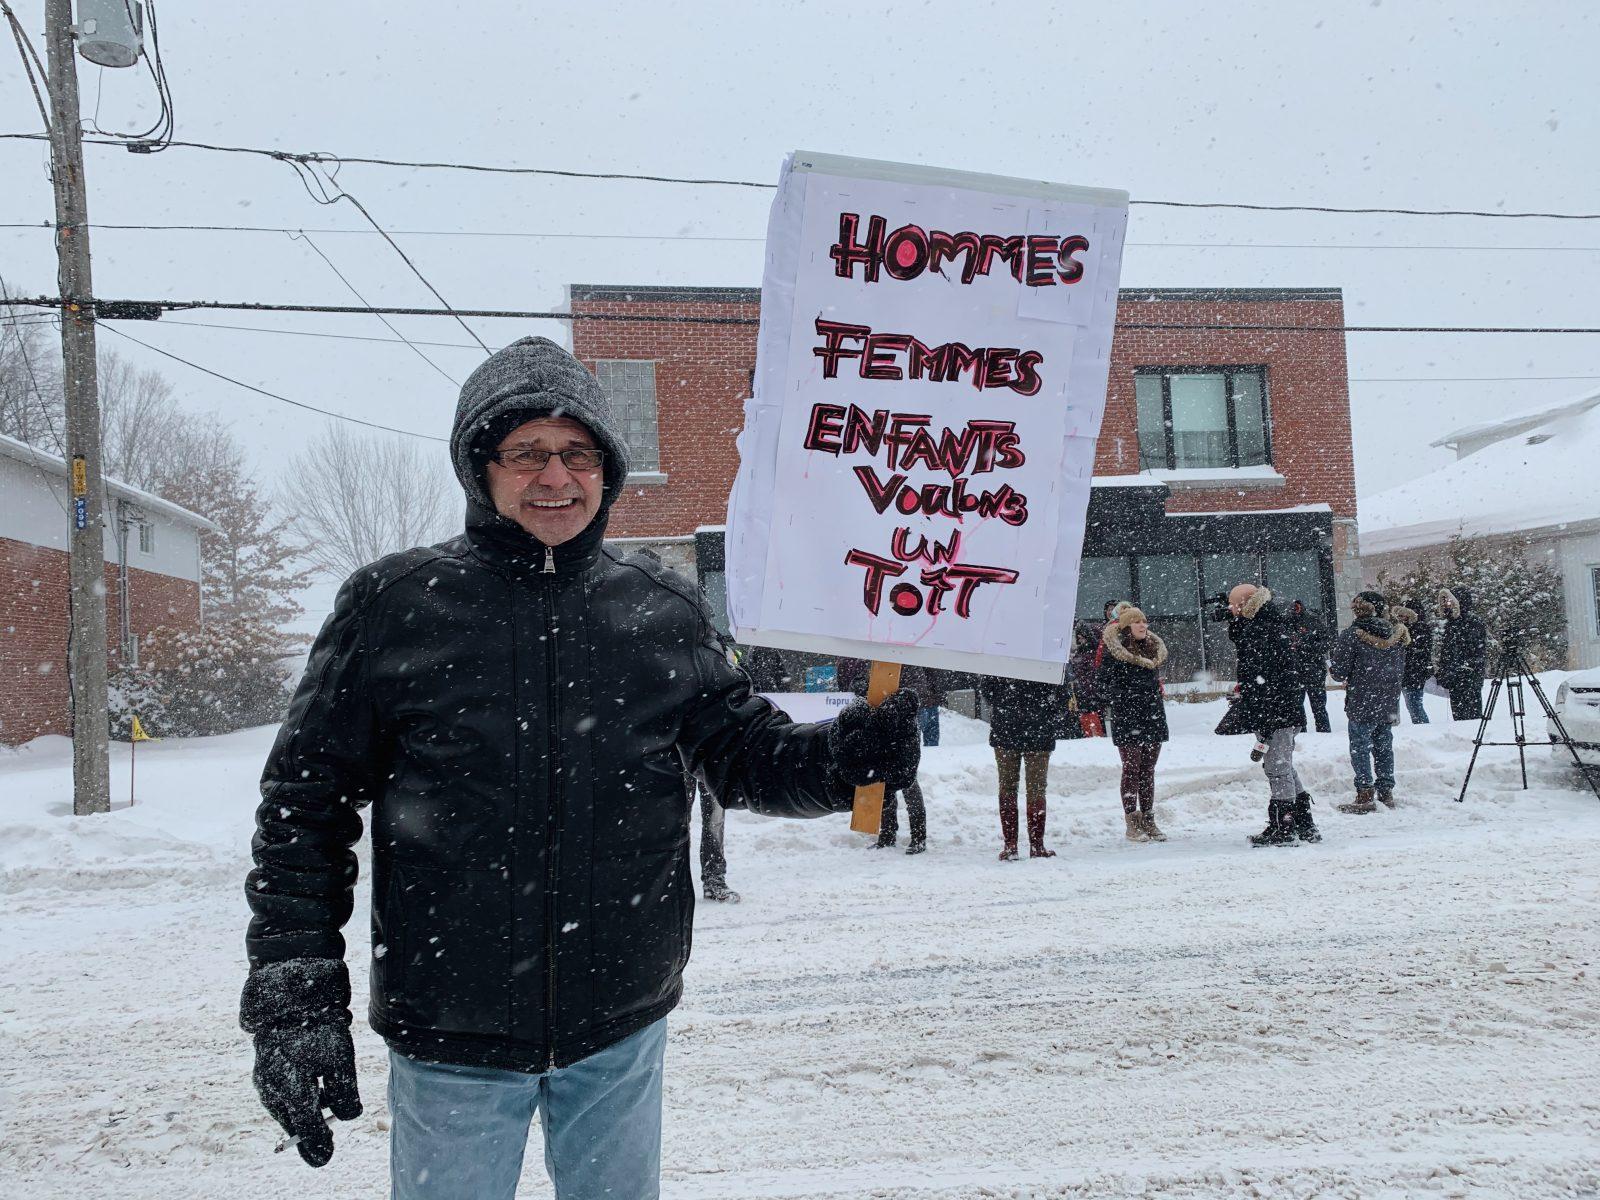 «On veut des logements sociaux pour se loger comme il faut!»